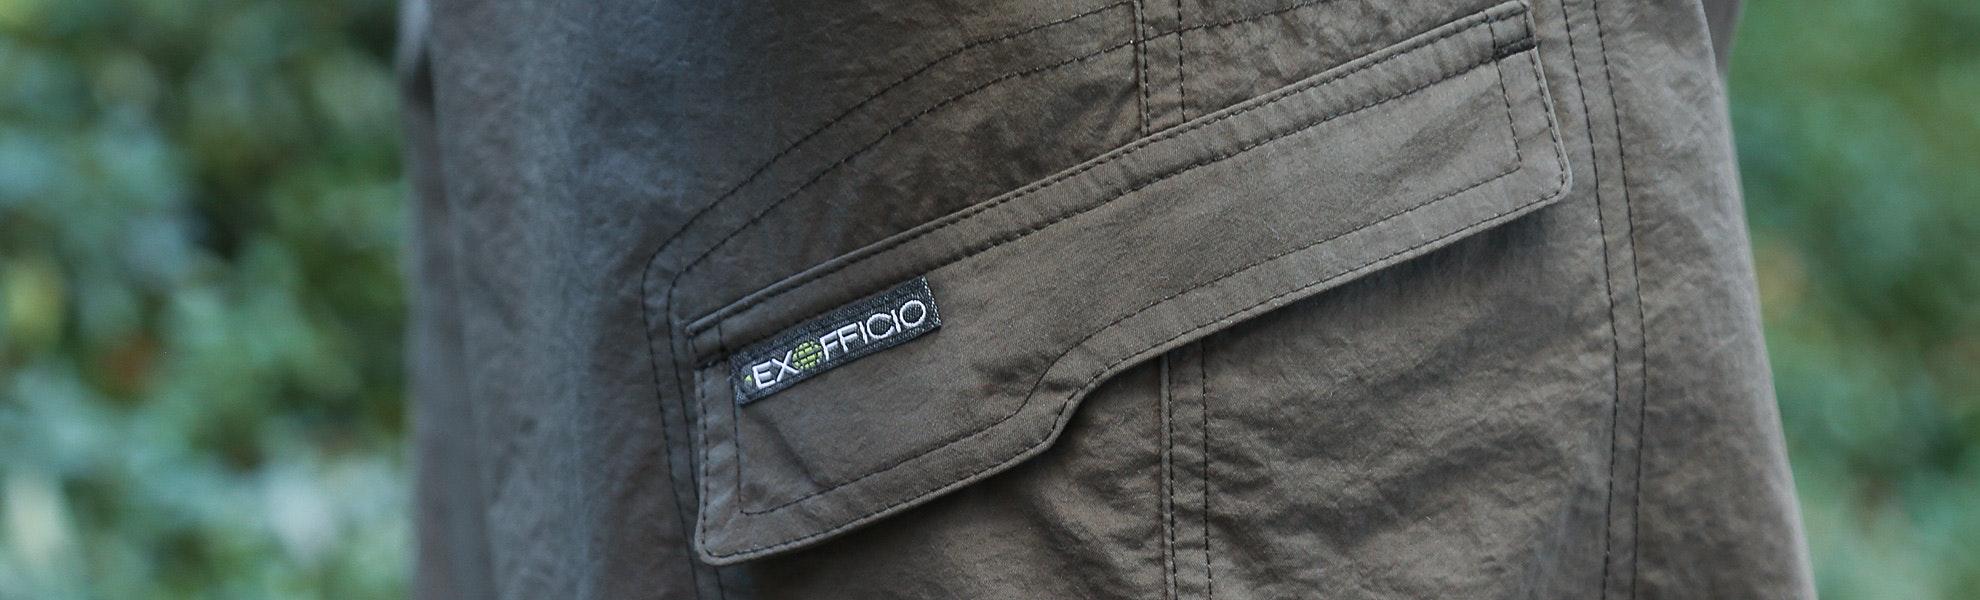 ExOfficio Nomad Shorts or Pants